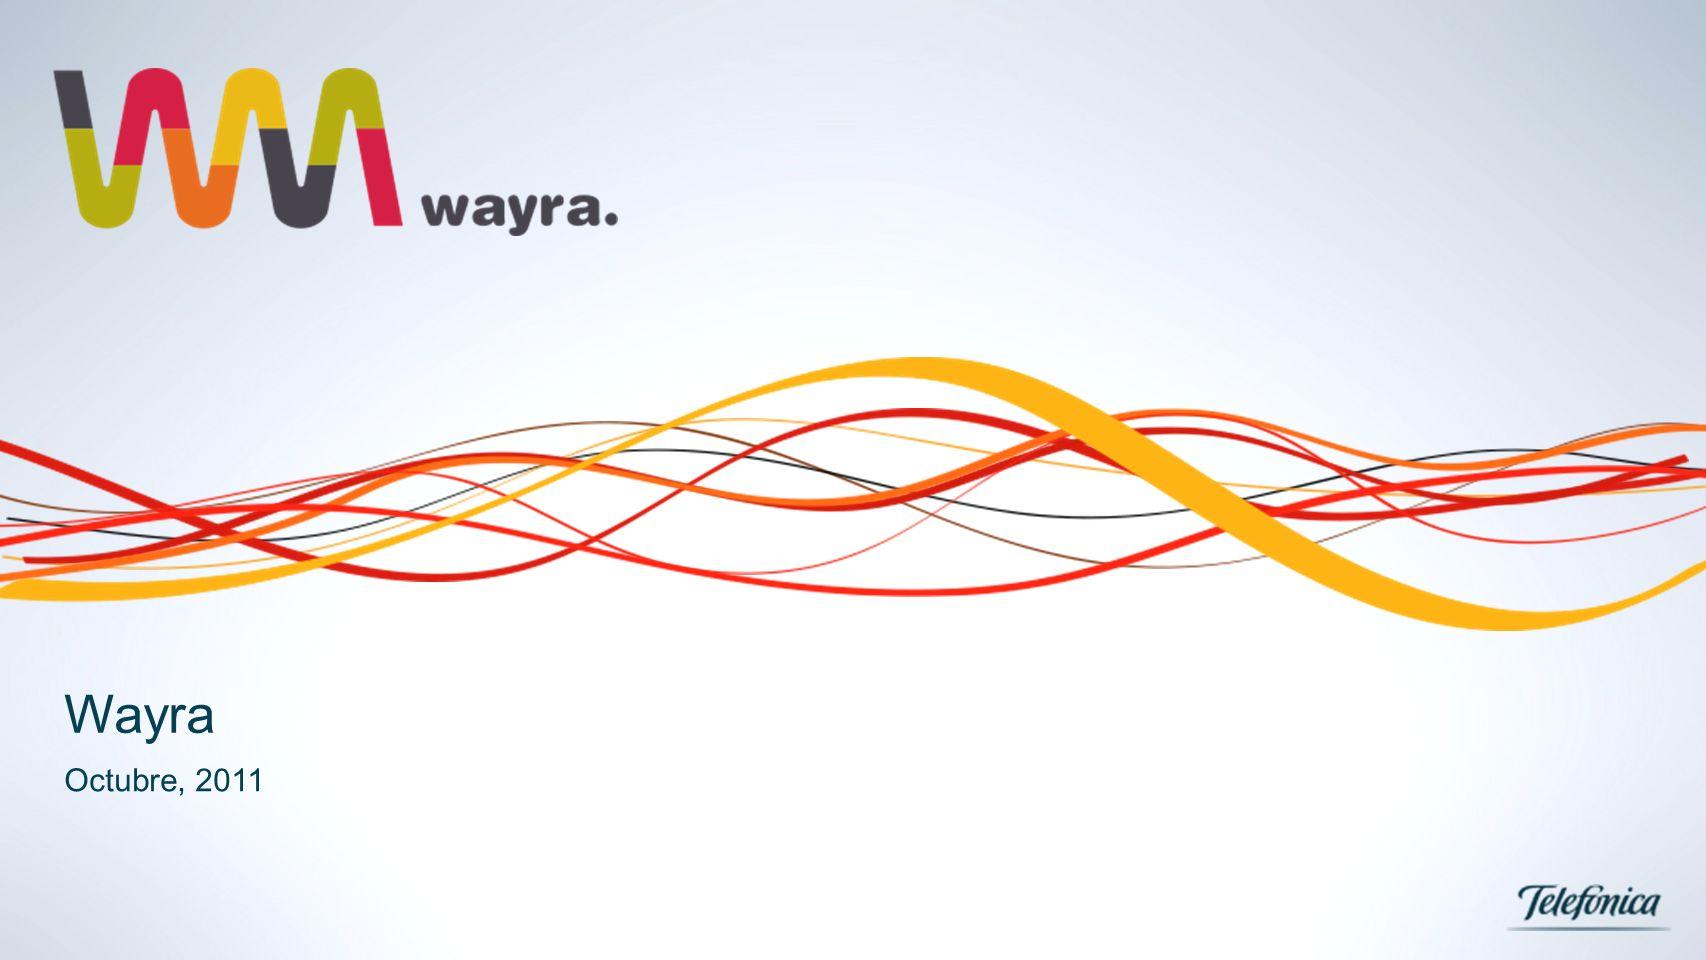 Wayra Octubre, 2011